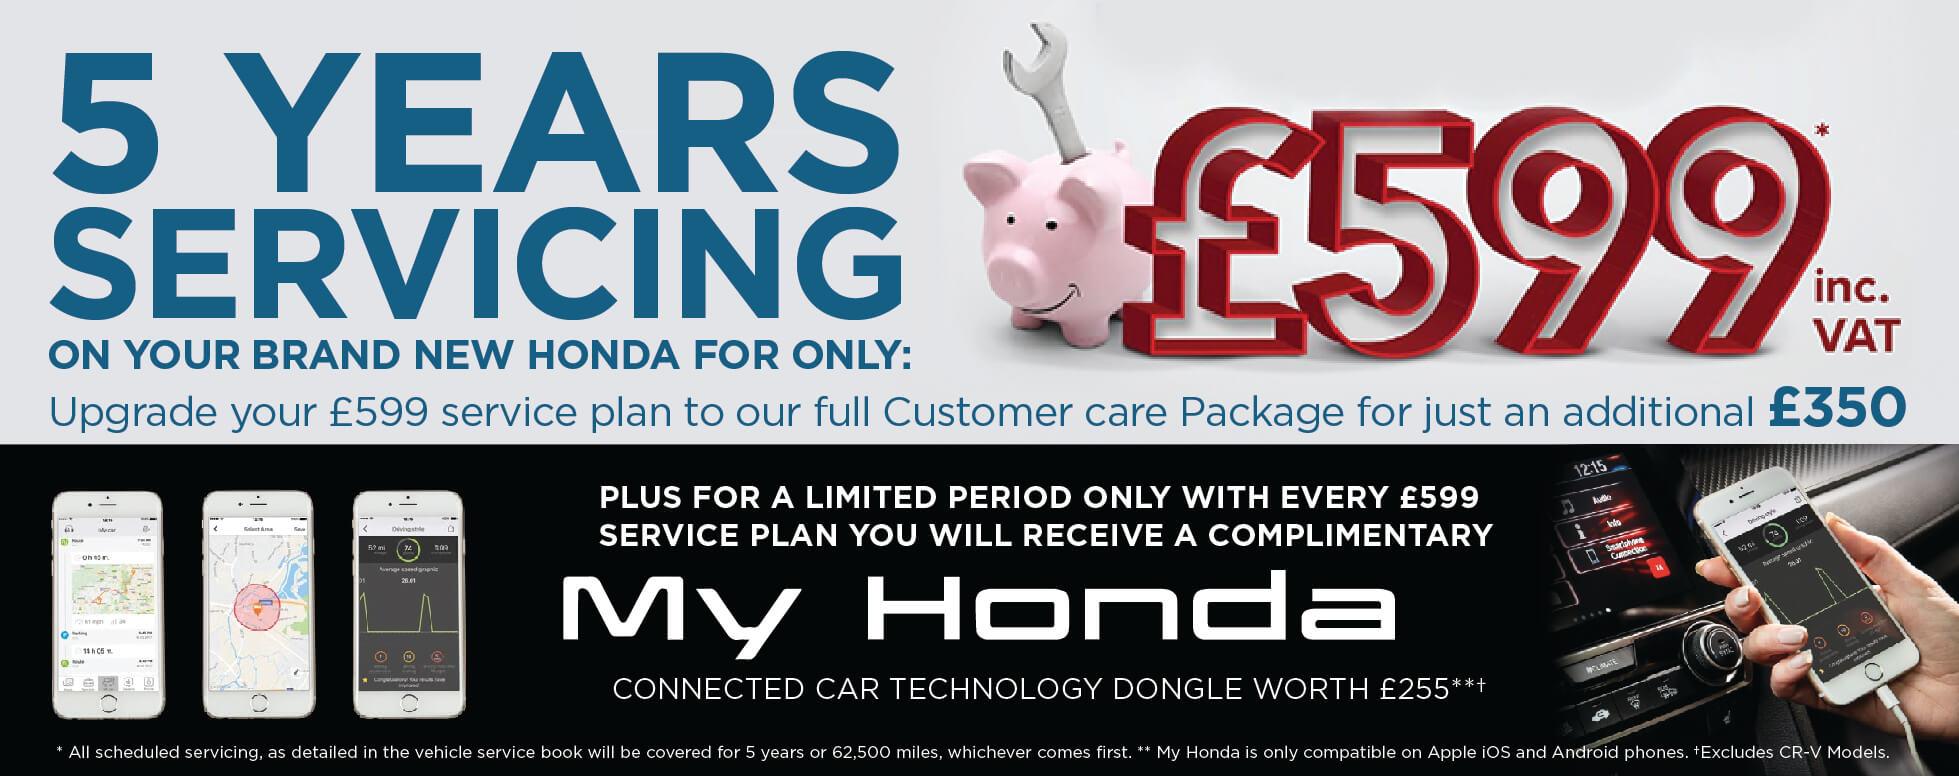 Honda £599 Servicing